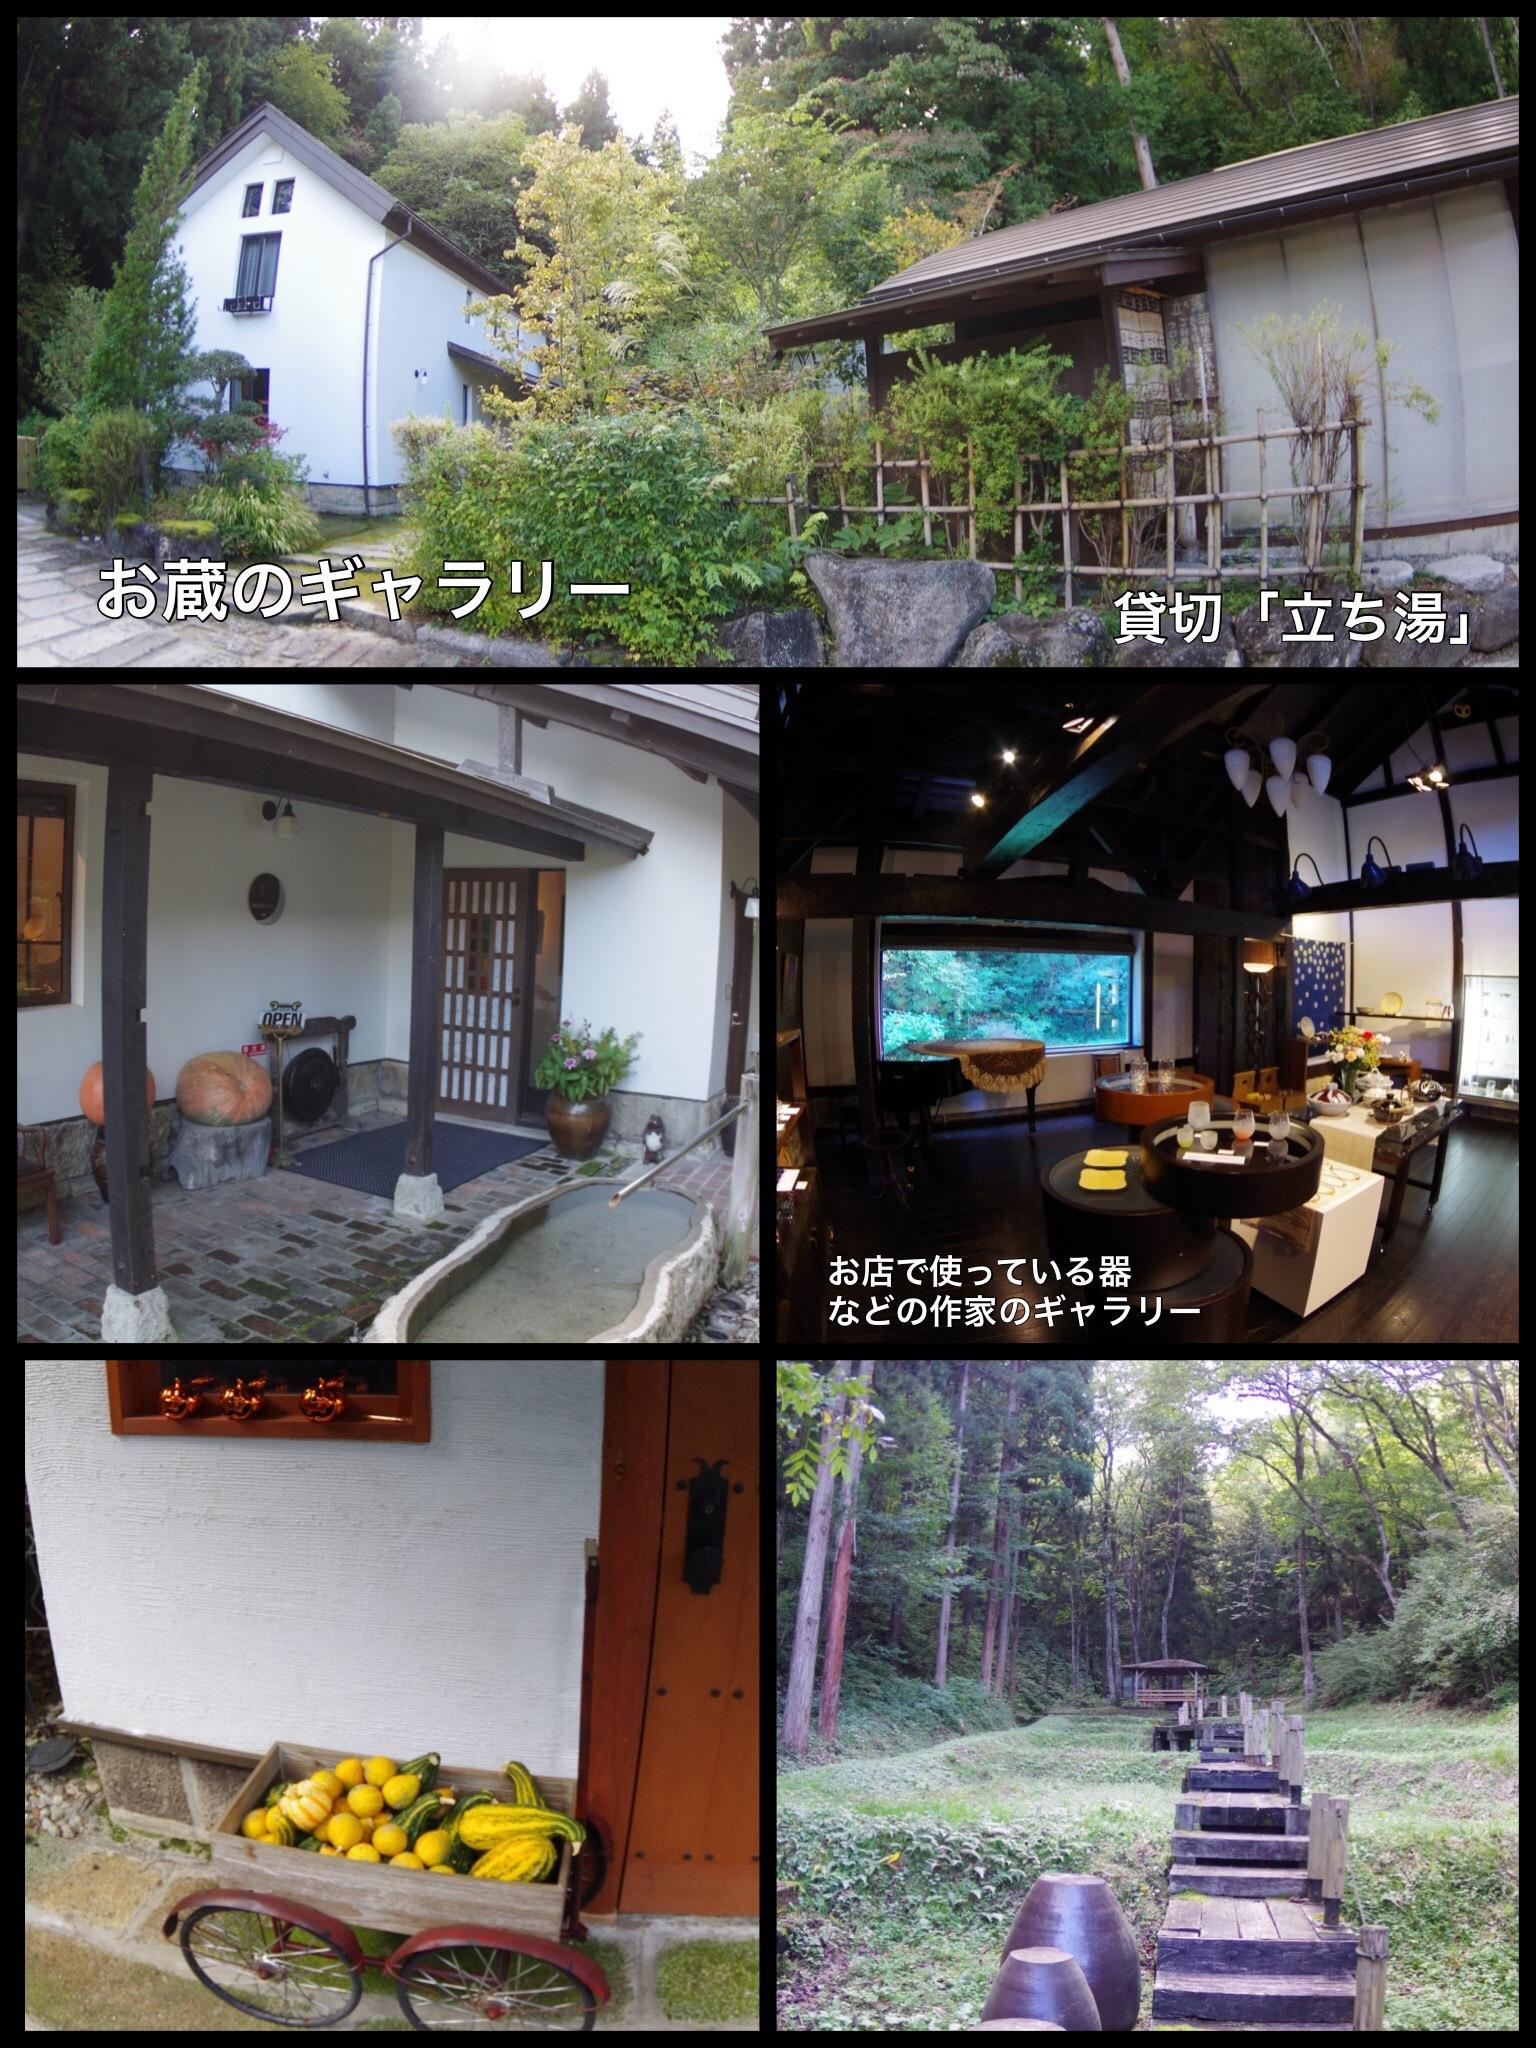 山形 上山温泉 名月荘 扇 宿泊記 共有施設 蔵のギャラリー